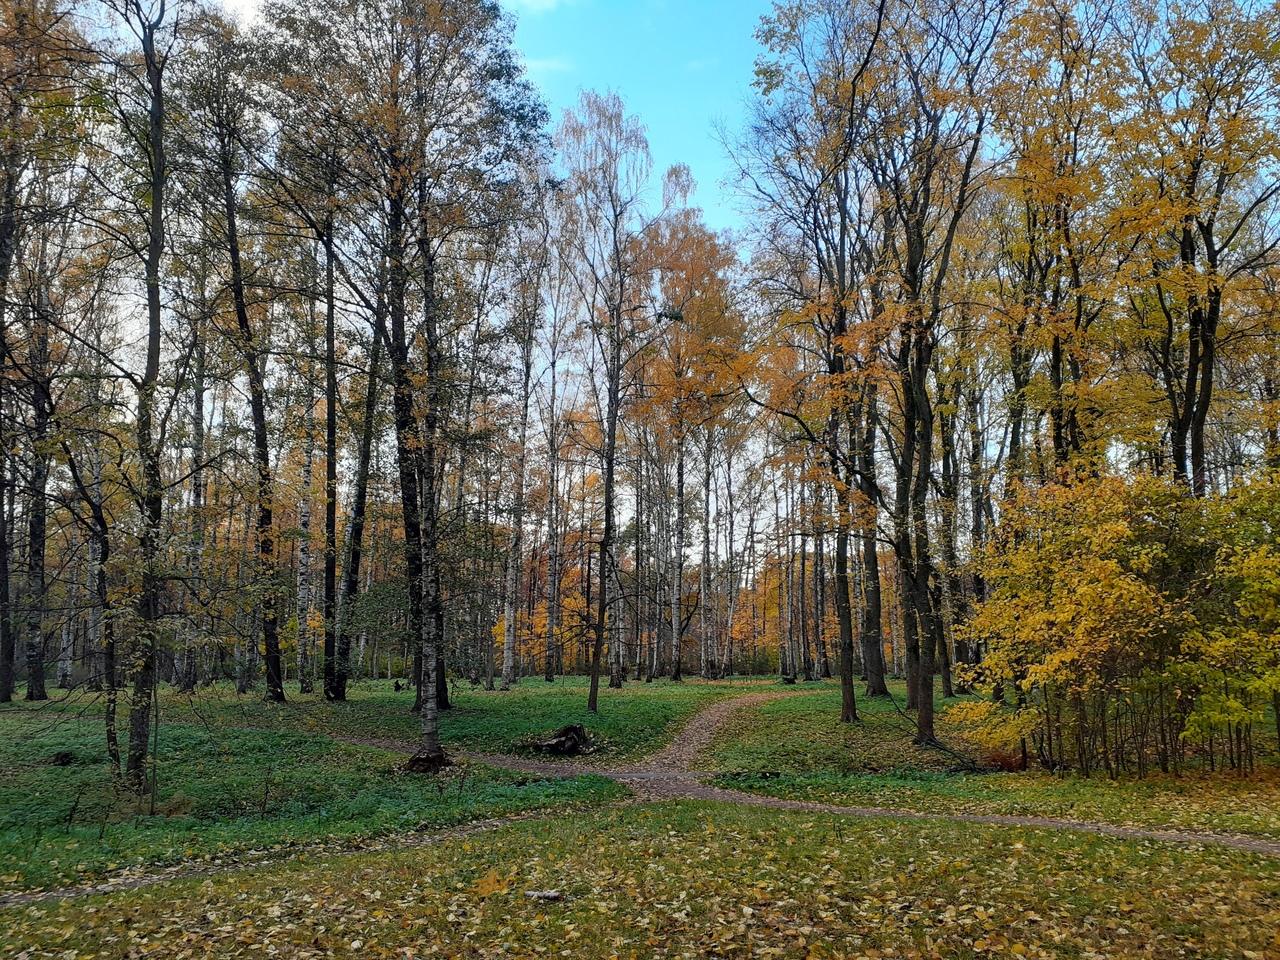 Середина октября в Удельном парке. Изумительная красота середины осени. 4 фото.